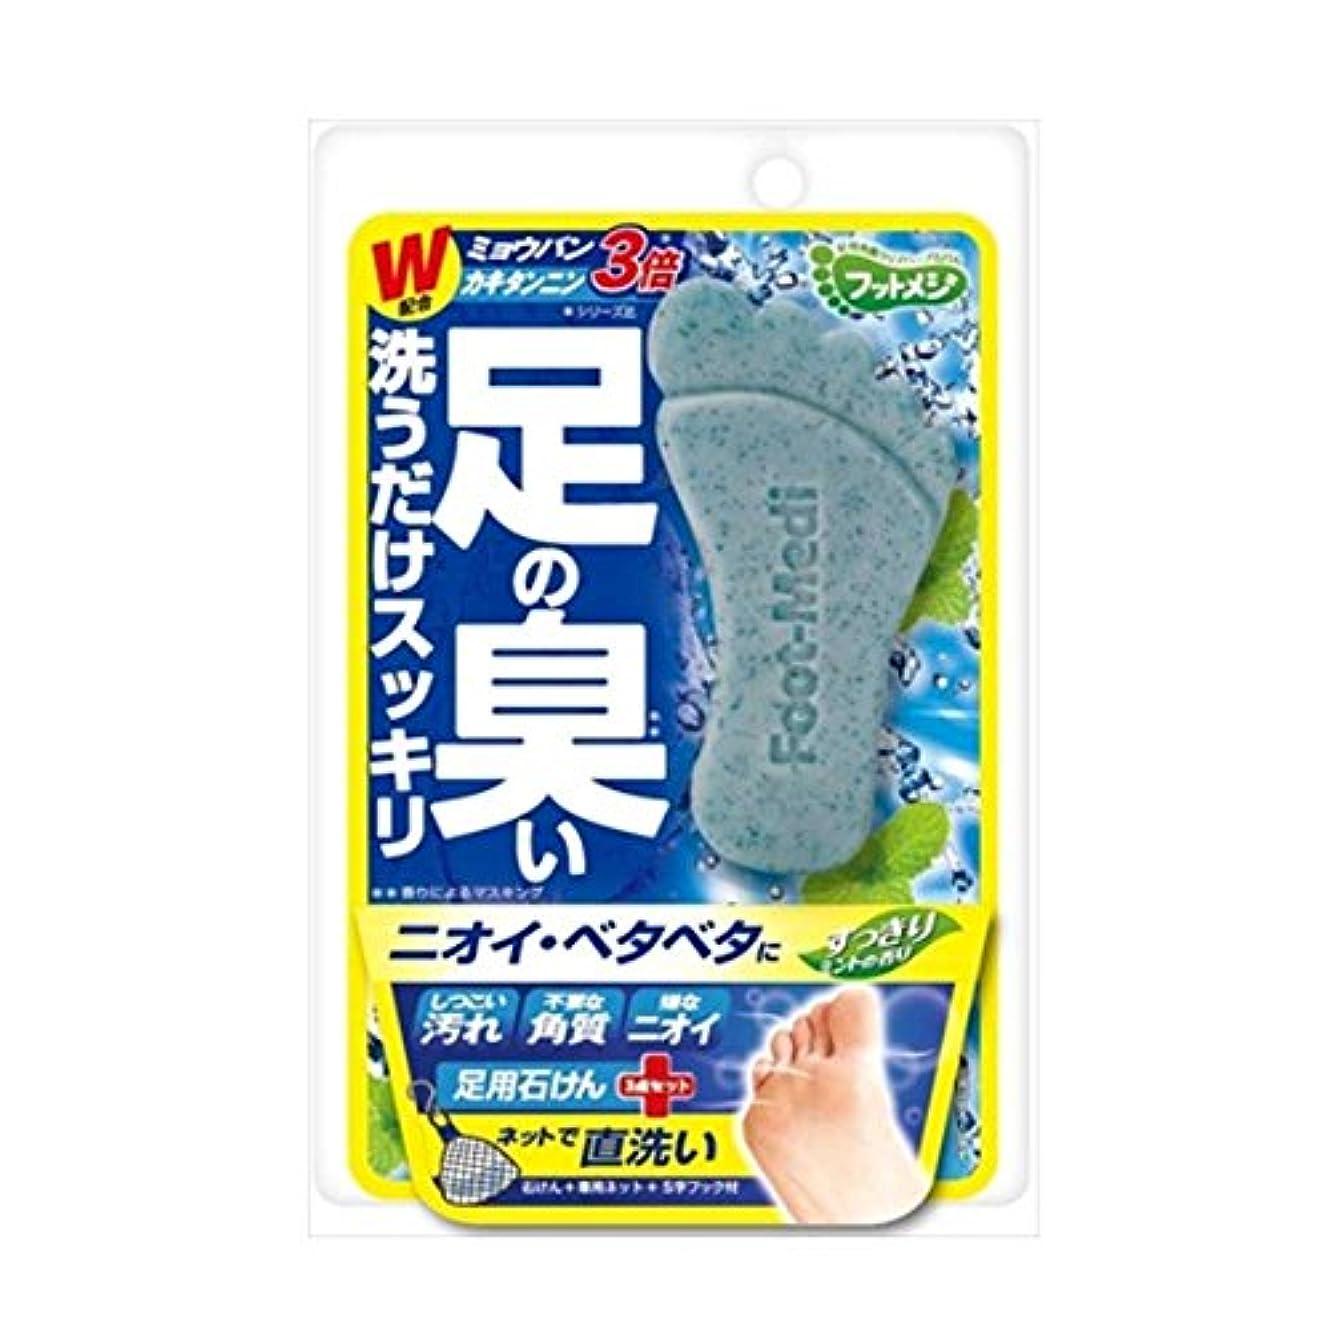 チロプリーツ蓮フットメジ 足用角質クリアハーブ石けん すっきりミント 60g 3個セット